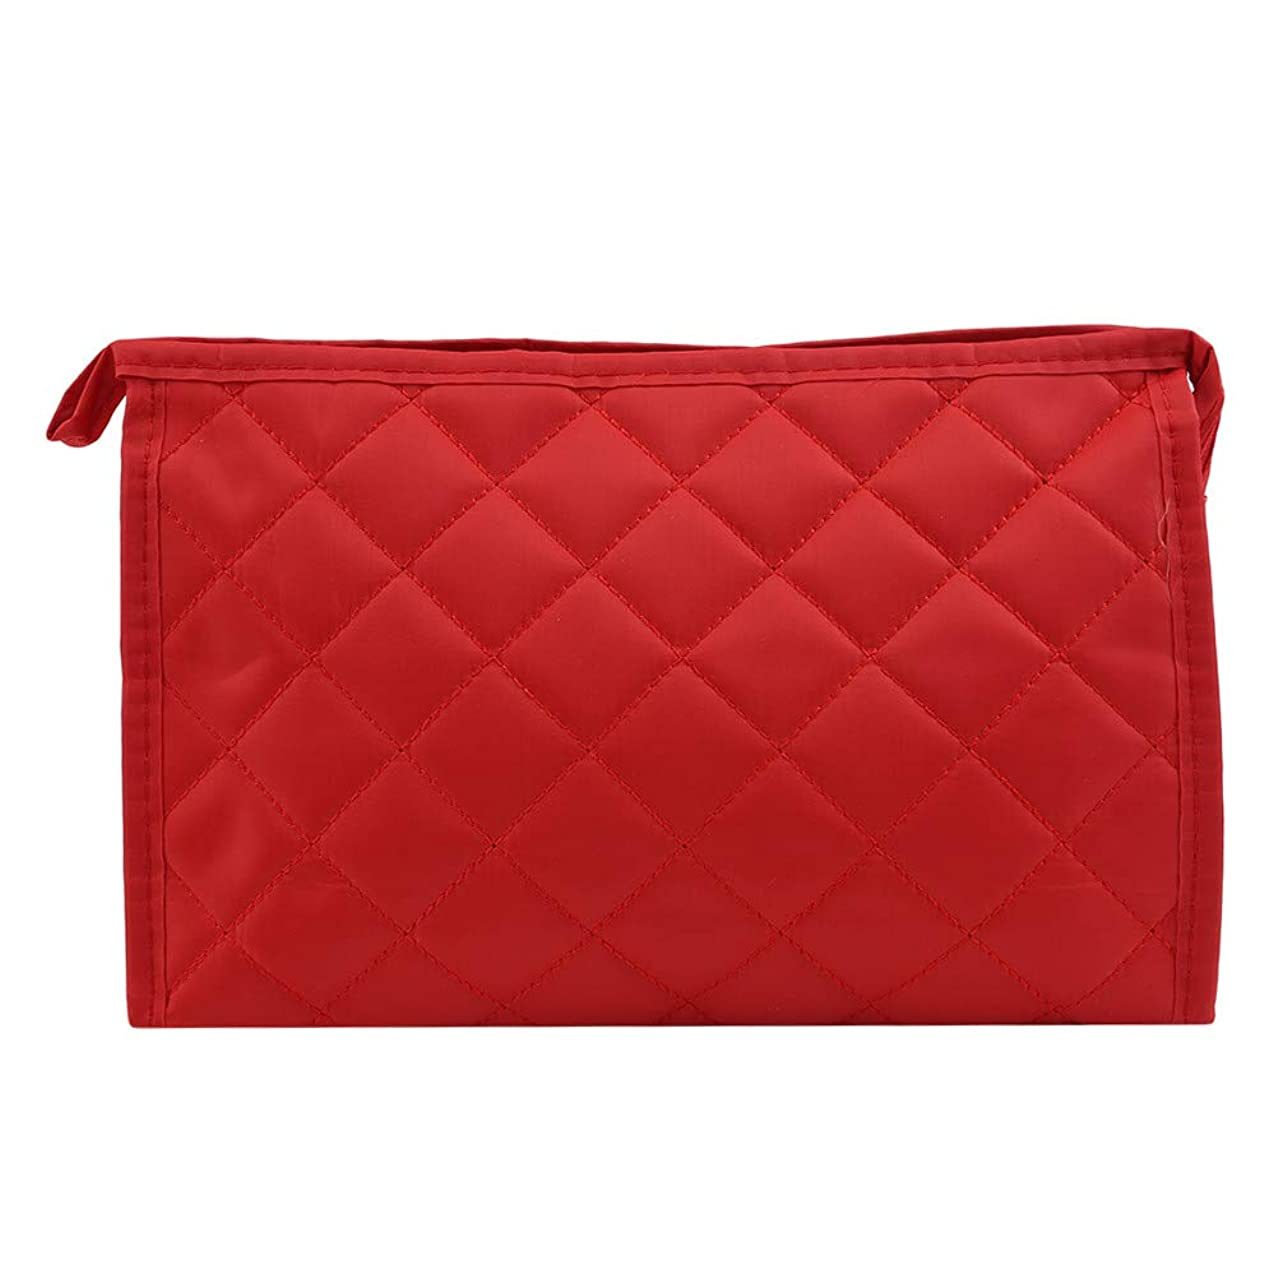 九同盟ペッカディロJIOLK 化粧ポーチ メイクポーチ ミニ 財布 機能的 大容量 化粧品収納 小物入れ 普段使い 出張 旅行 メイク ブラシ バッグ 化粧バッグ